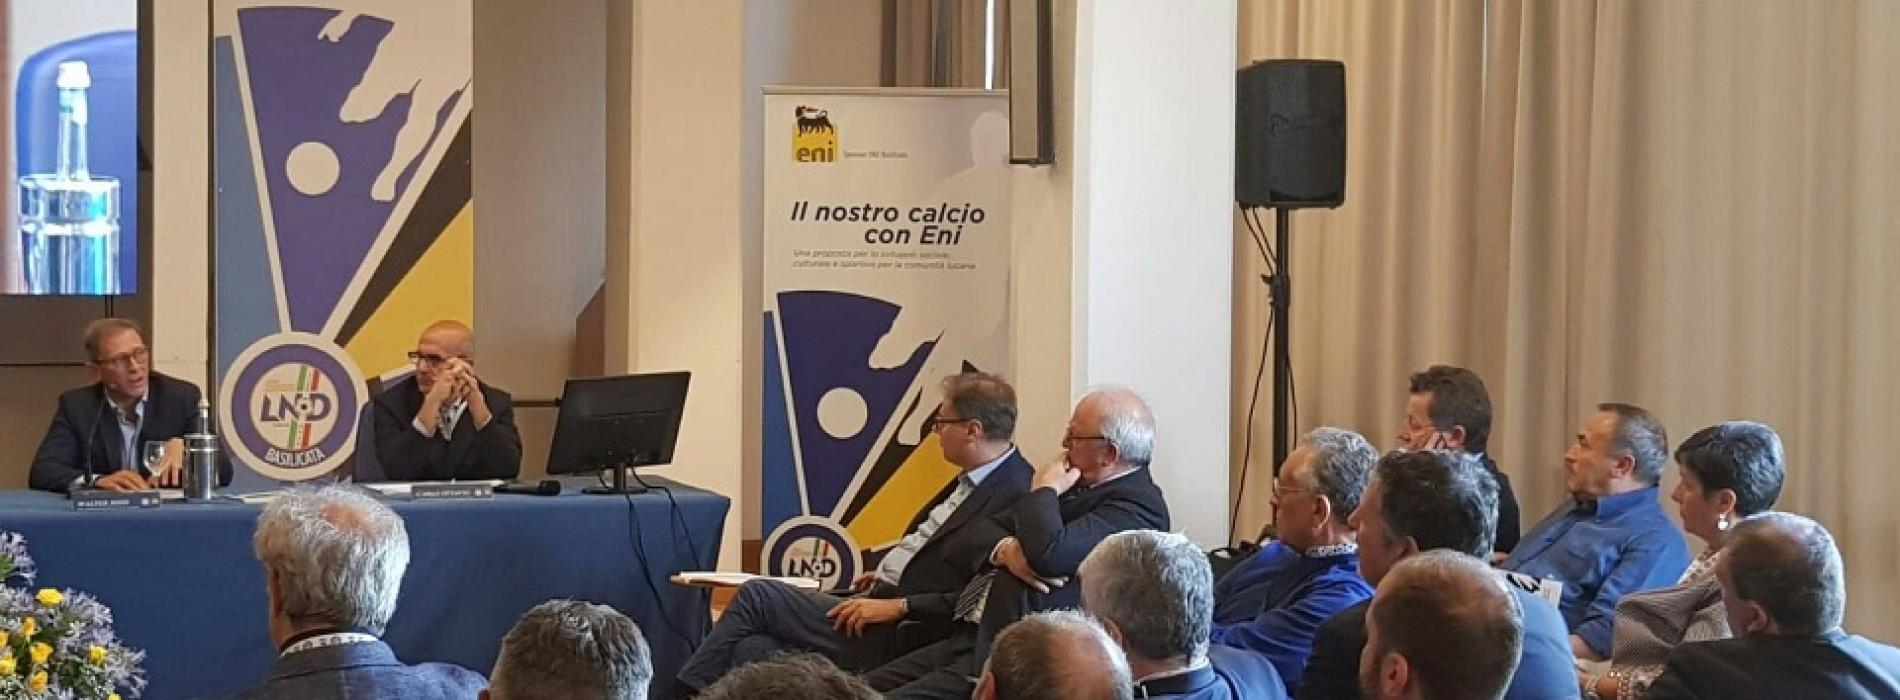 """Presentato a Potenza da CR Lnd Basilicata e Eni il progetto """"Il nostro calcio con Eni"""""""